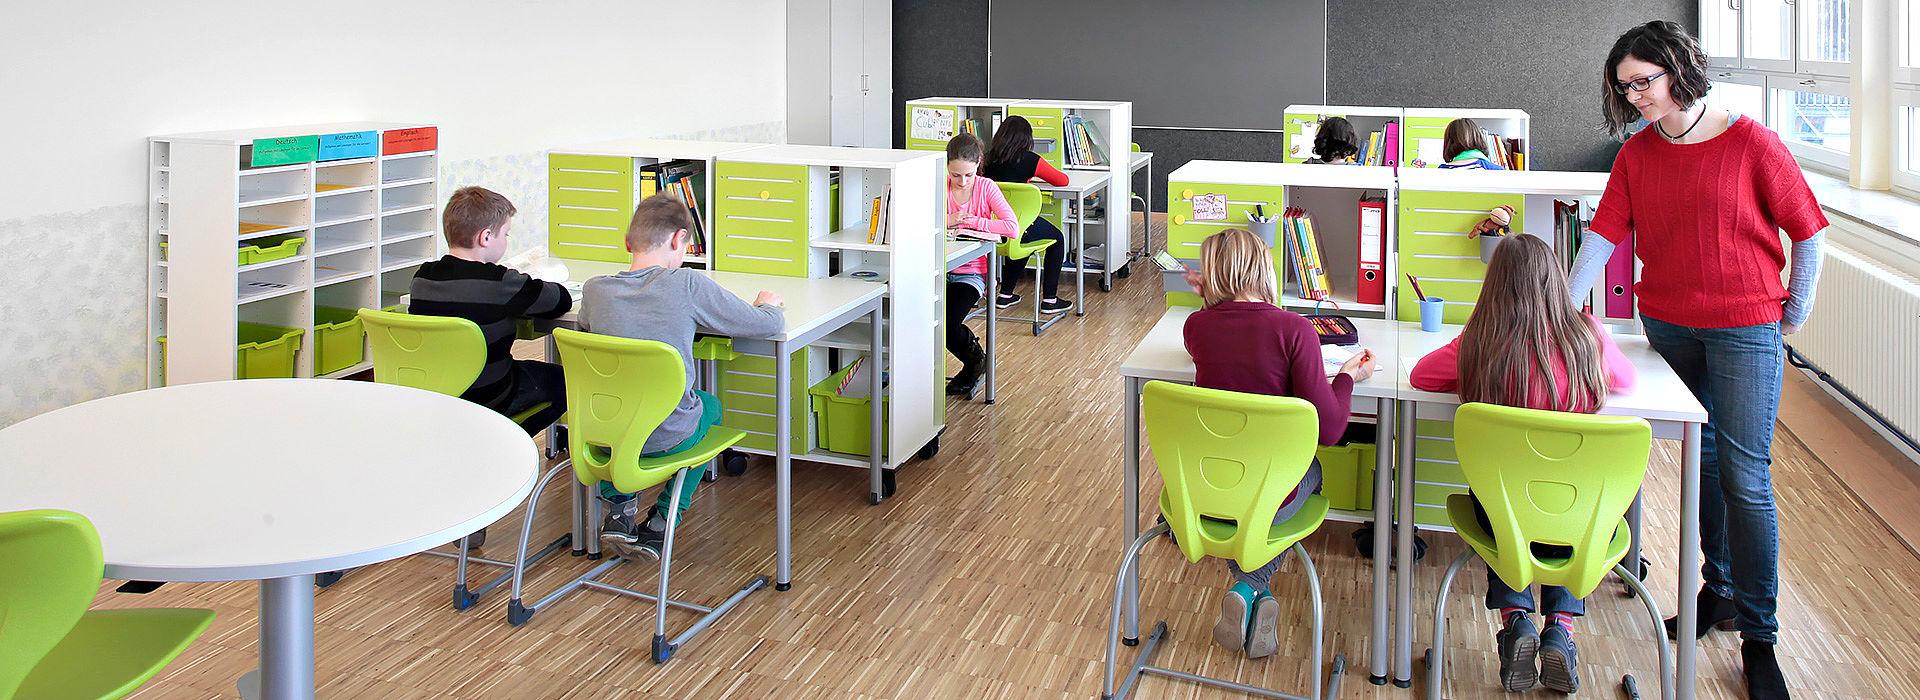 salle de classe flexible - travail en tandem